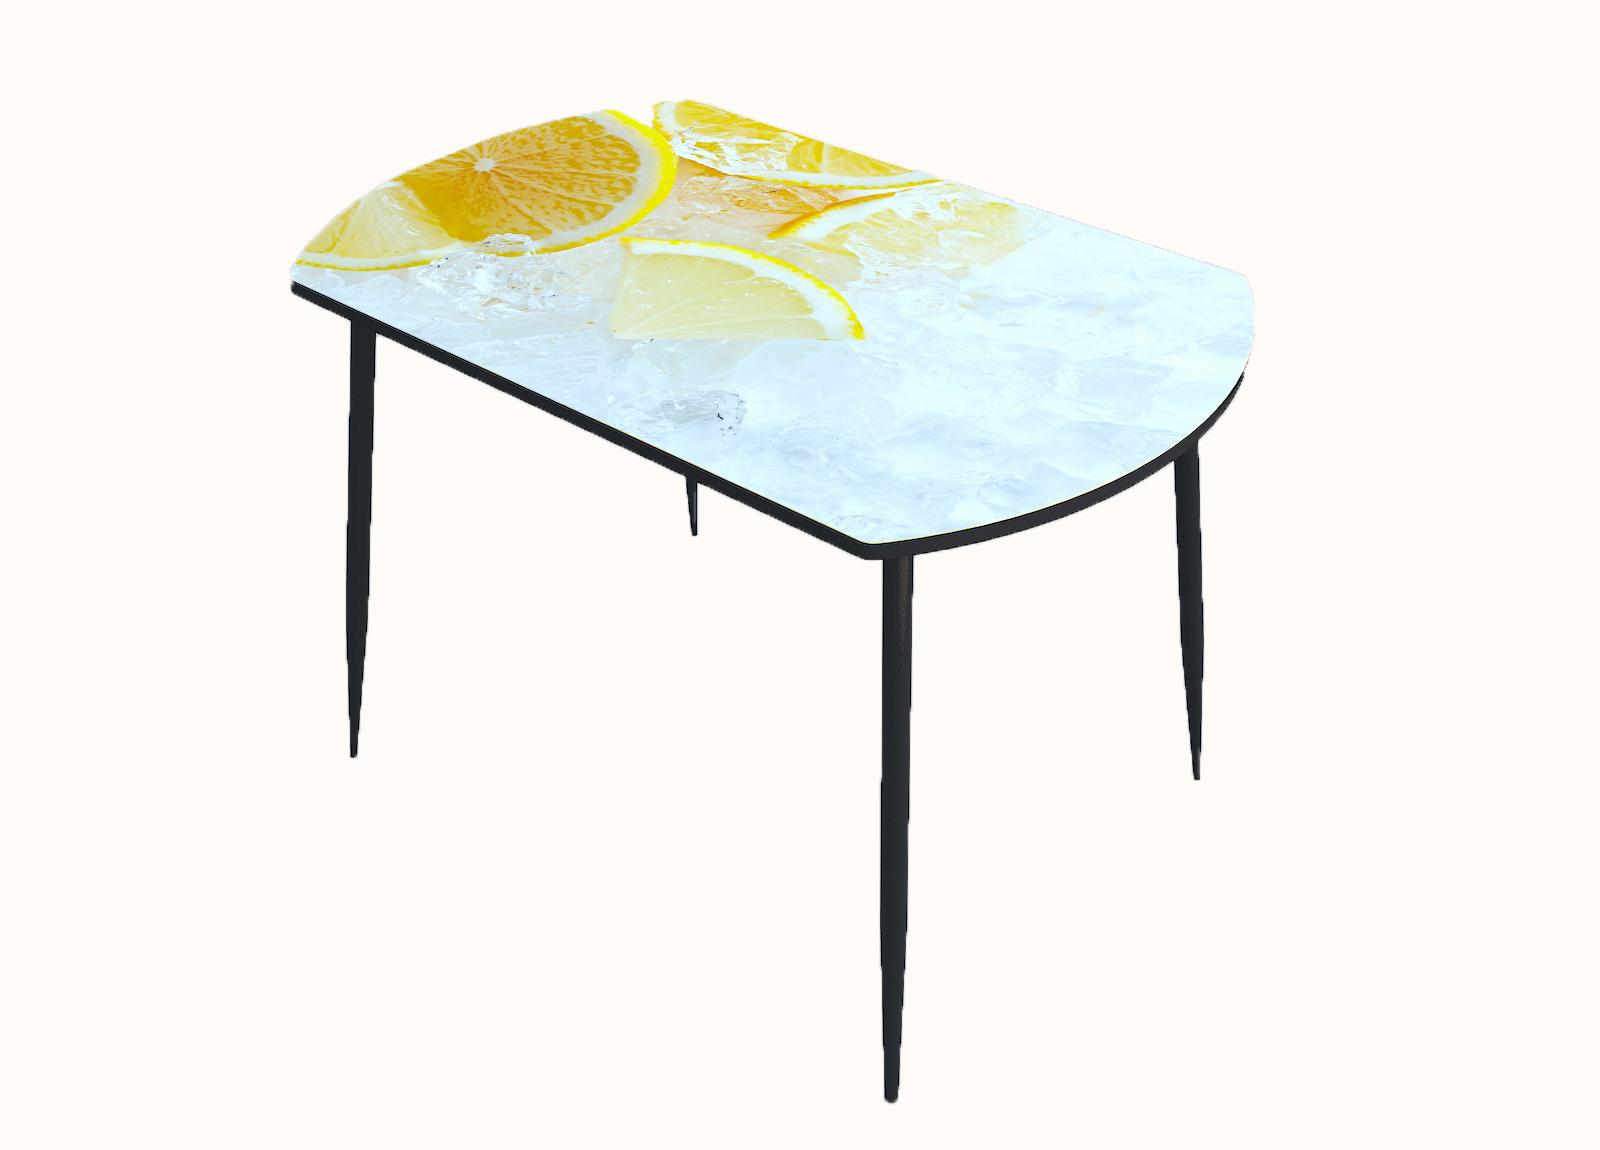 Стол стекло фотопечать Лёд лимон 017